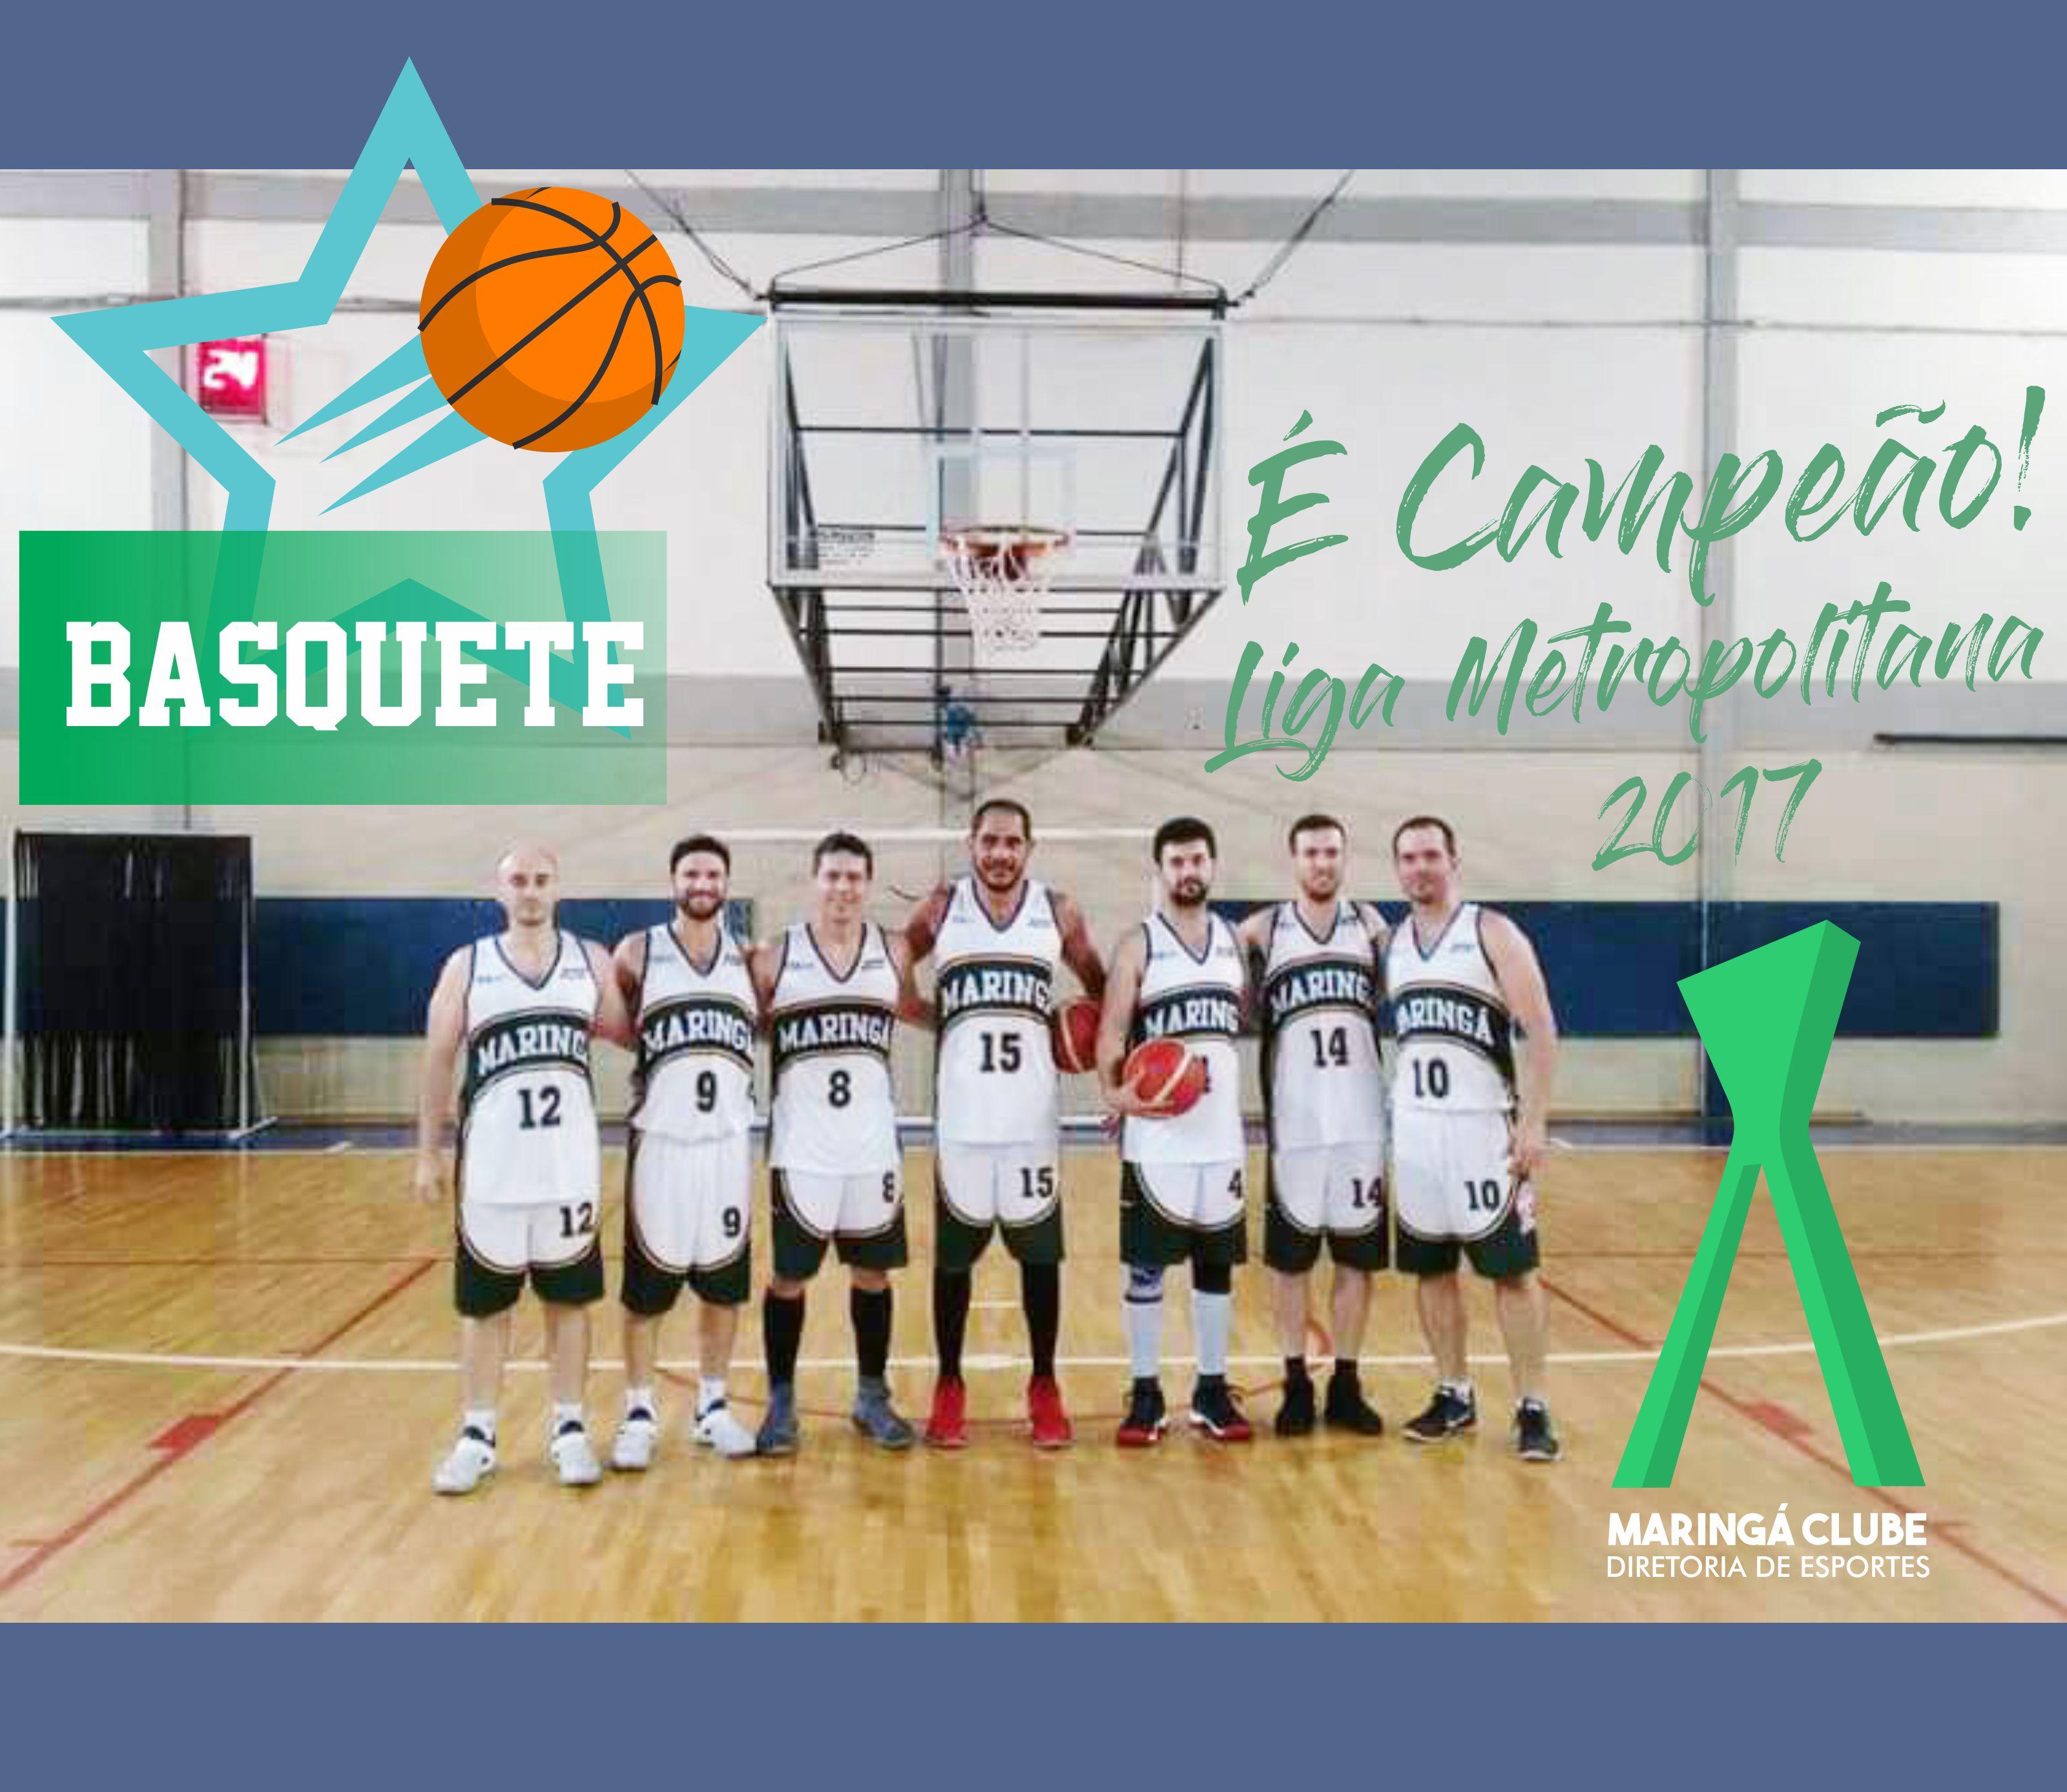 basquete campeão